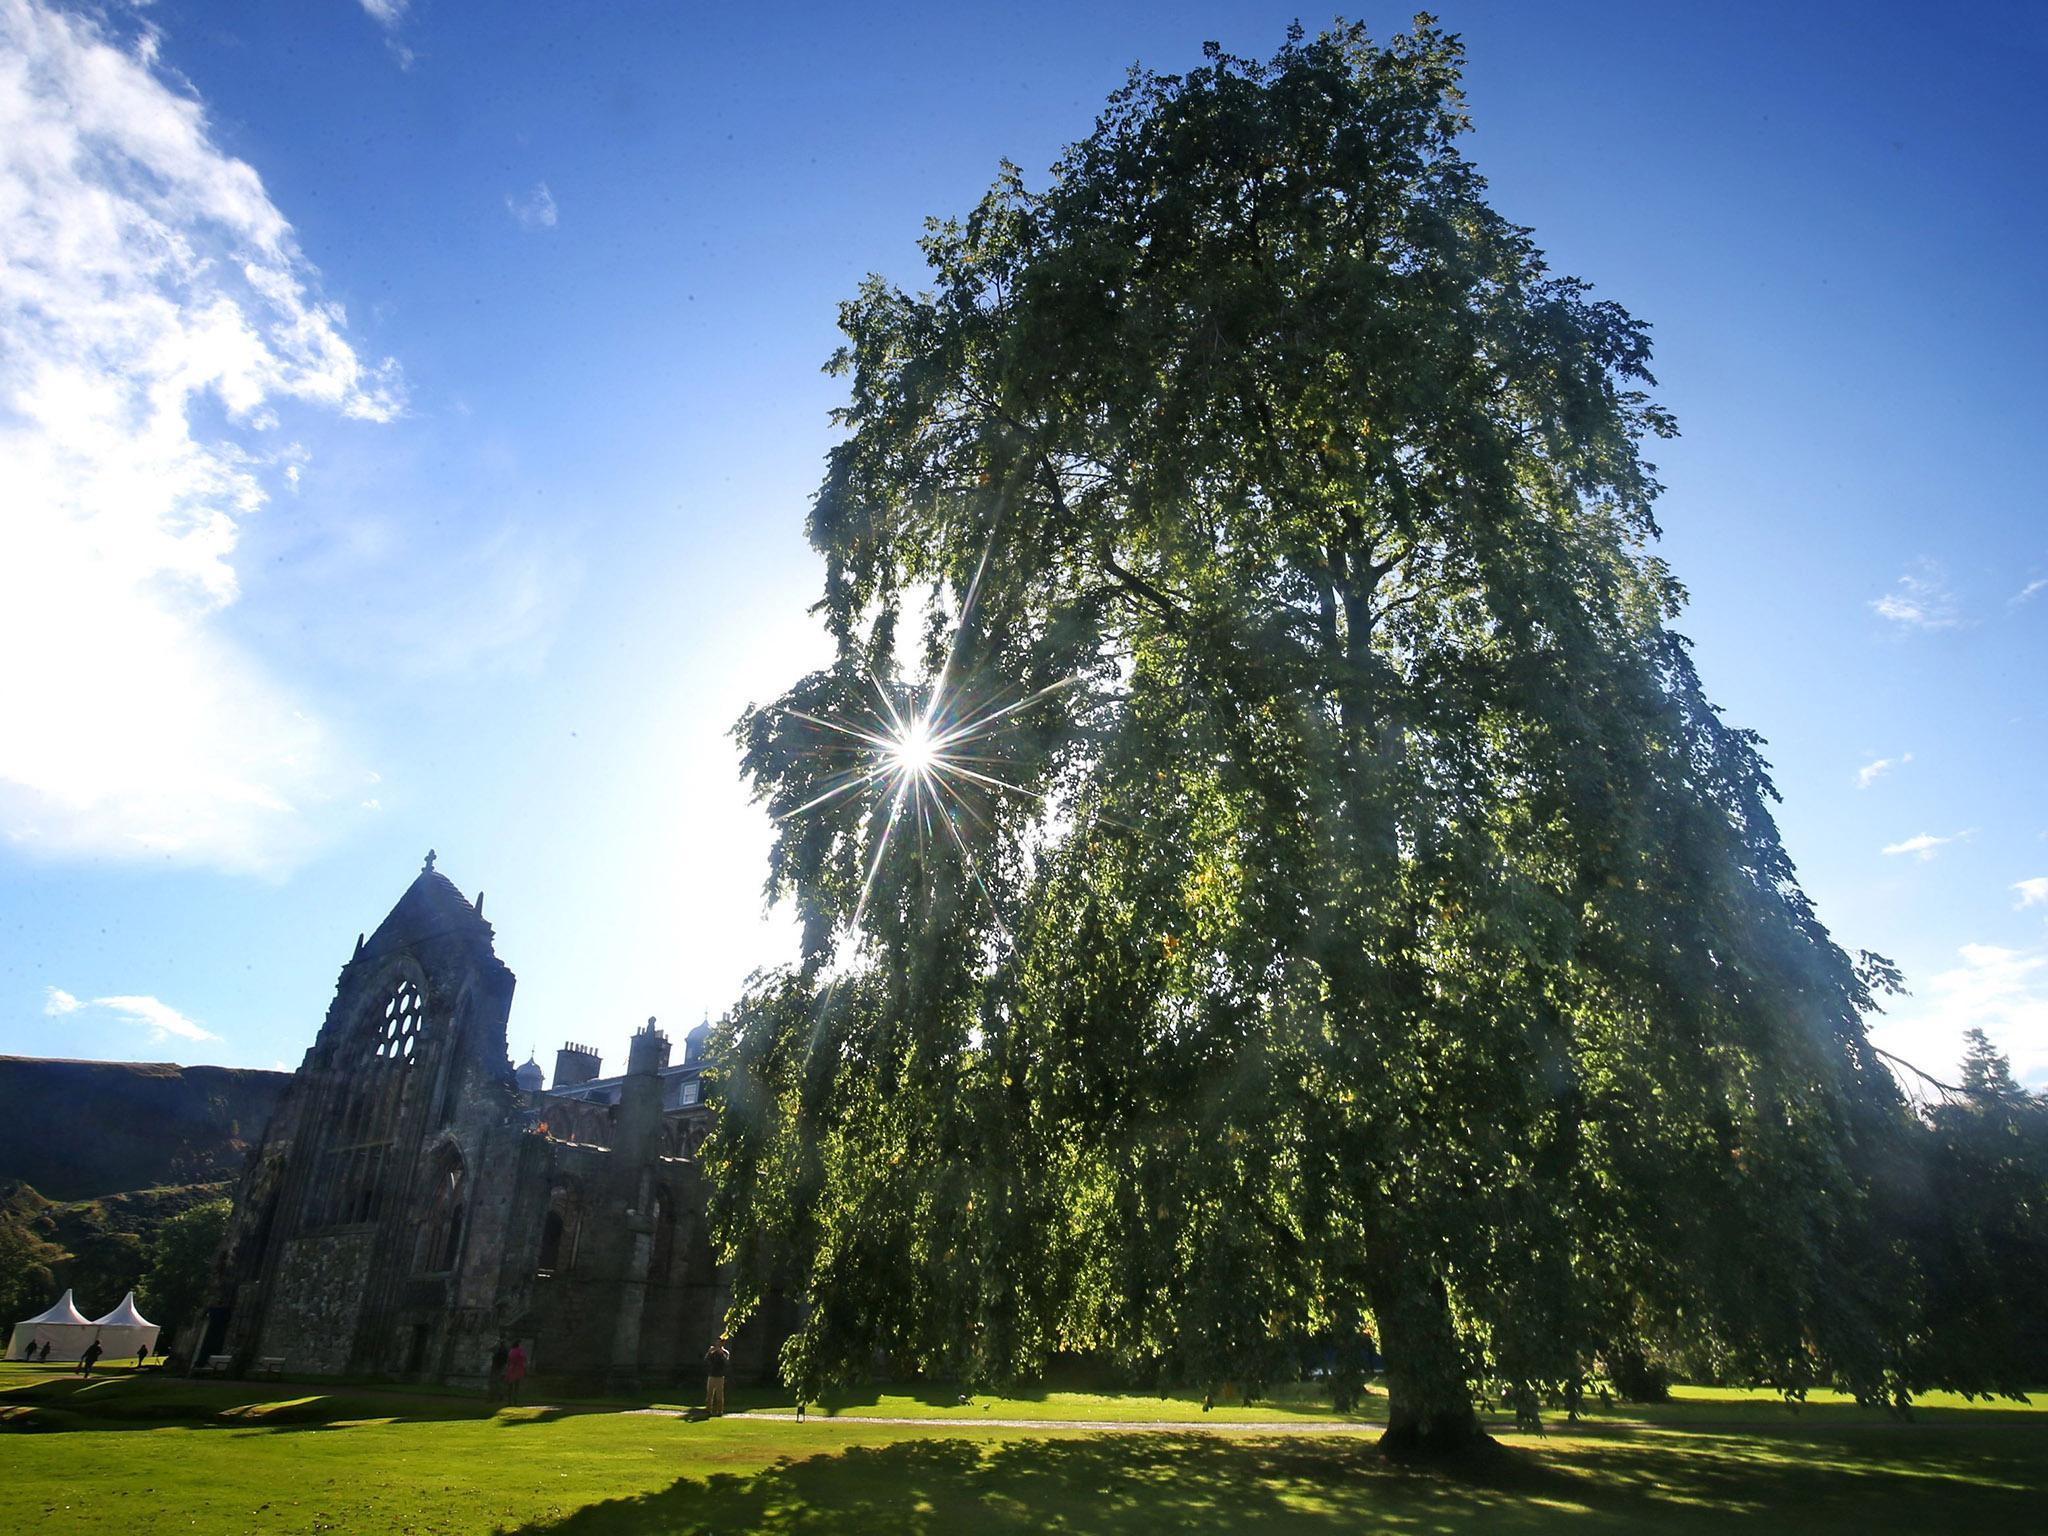 'Extinct' species of tree found growing in Queen's garden